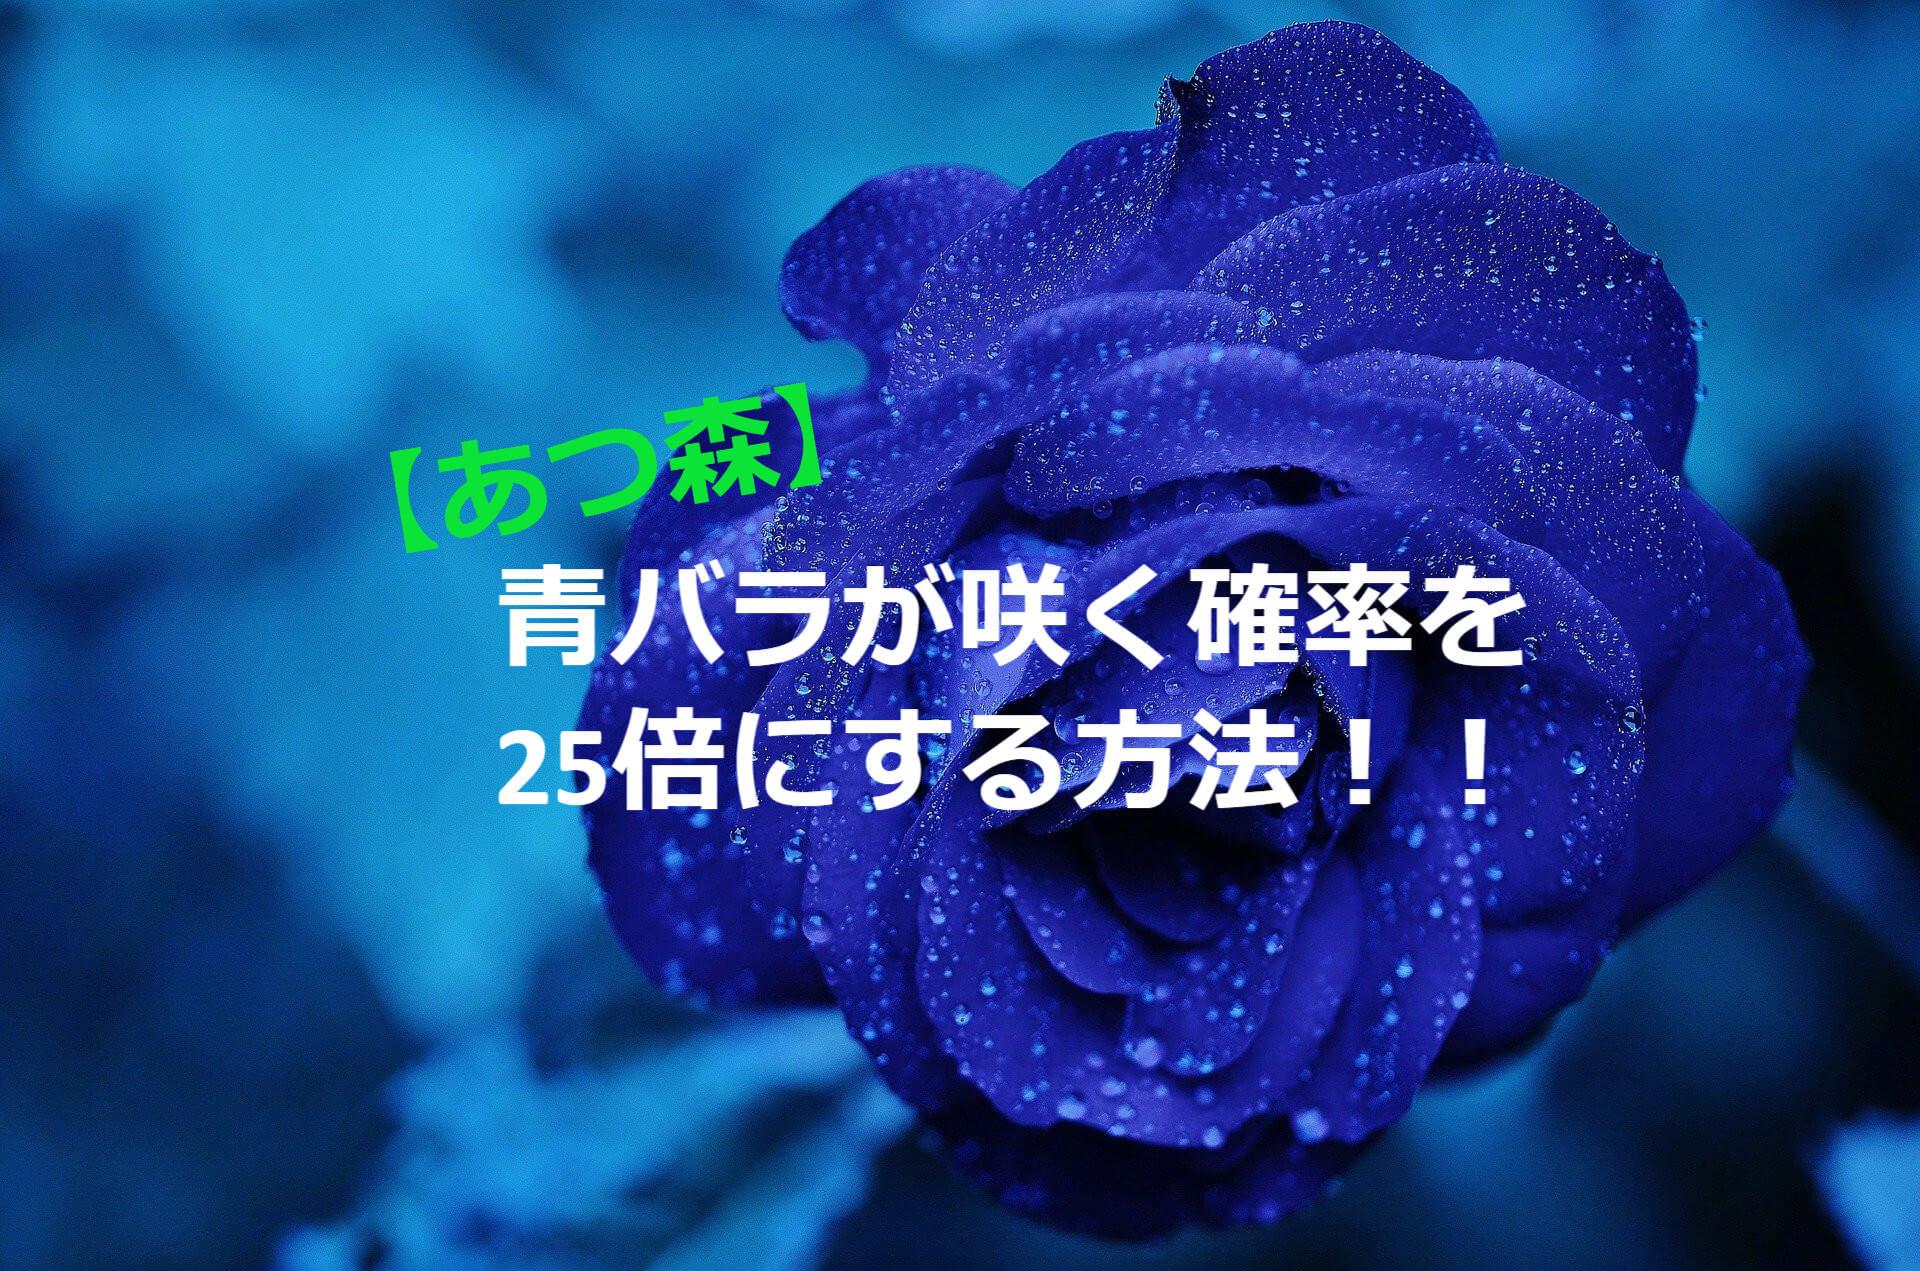 新ルート あつ森 青バラ 【あつ森】青バラ新ルート!『赤白黄3色のみ』高確率な青バラの作り方/咲かない時の対処法も解説【あつまれどうぶつの森】 │